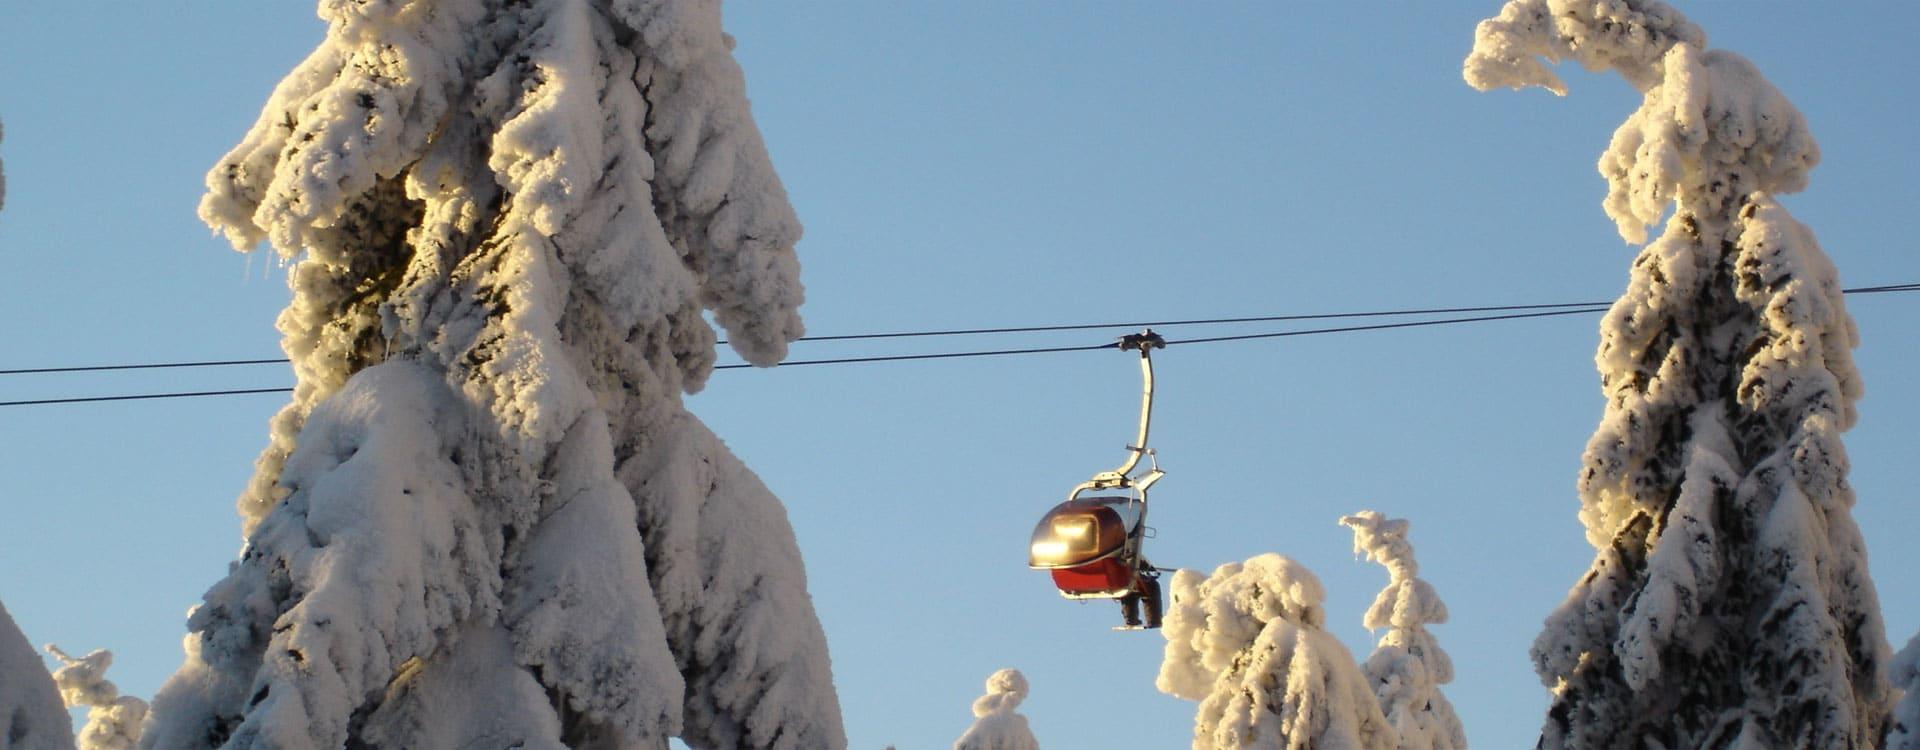 Wintersportregion Fichtelgebirge